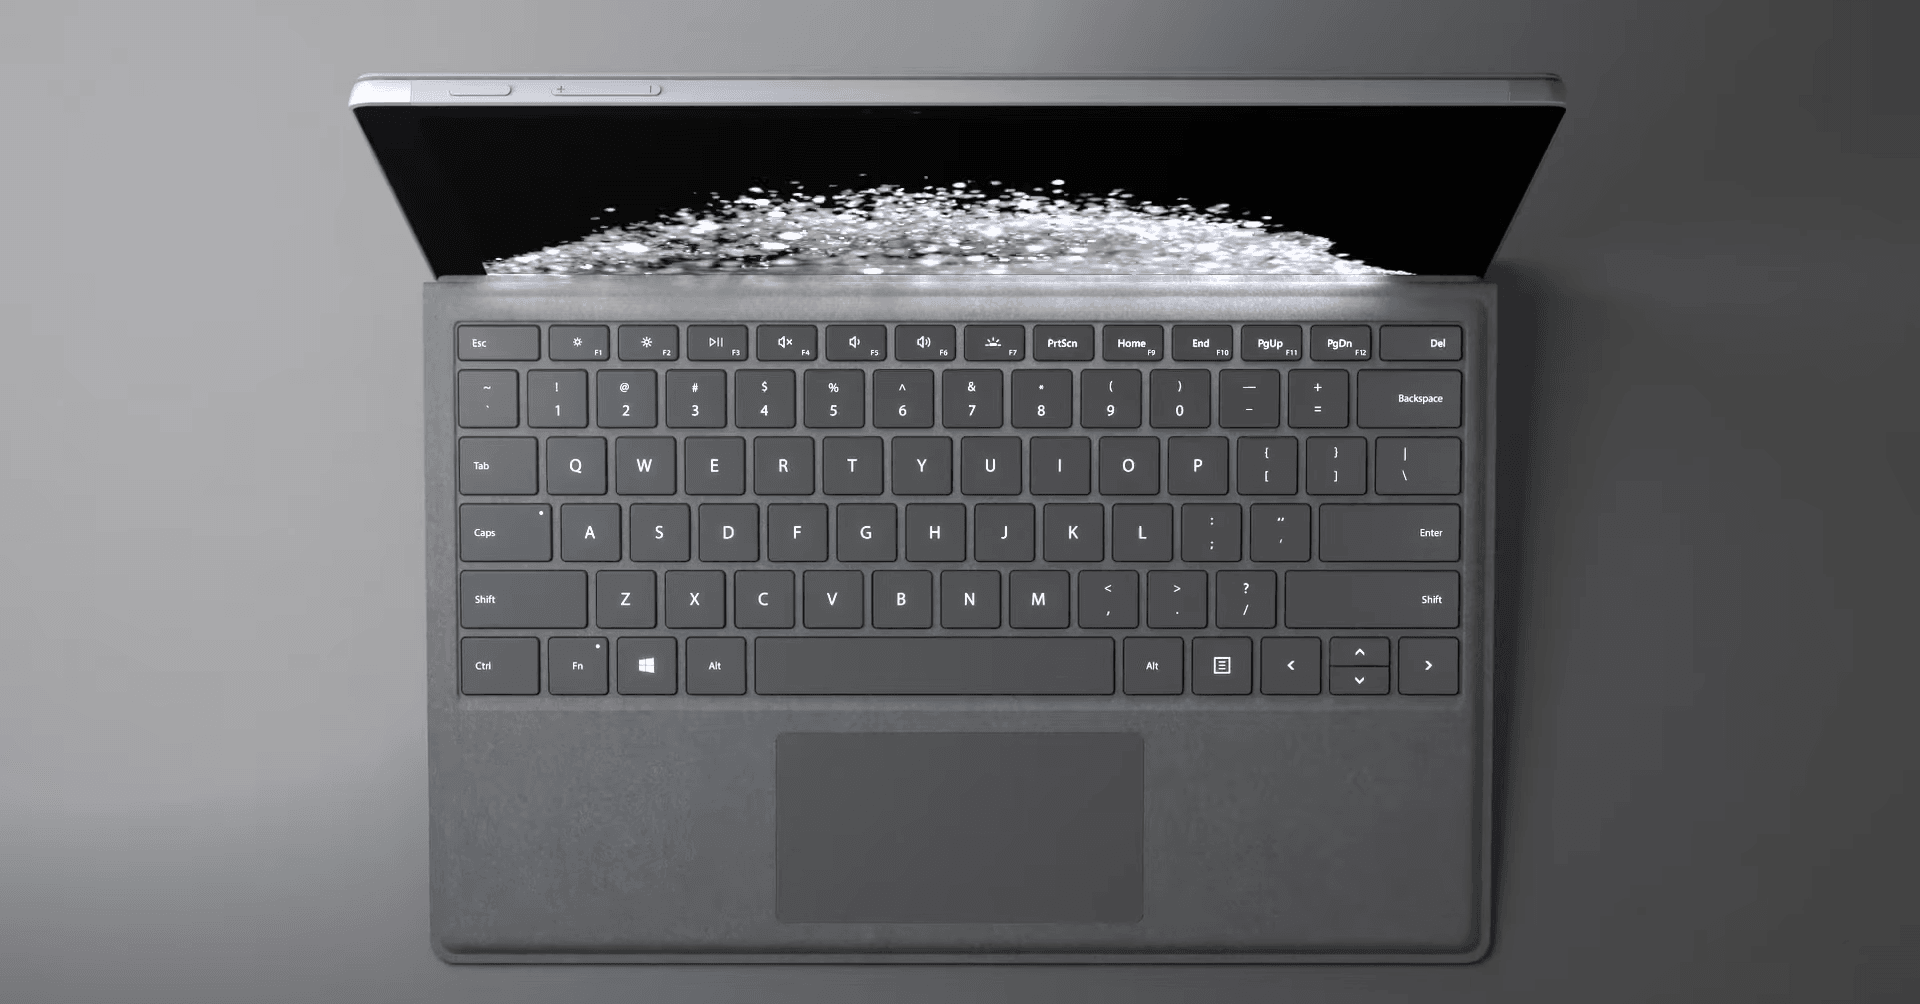 Tabletowo.pl Obniżka cen sprzętu Microsoftu z procesorami Intel Core i5 - Surface Pro i Surface Laptop 1200 zł taniej Microsoft Sprzęt Tablety